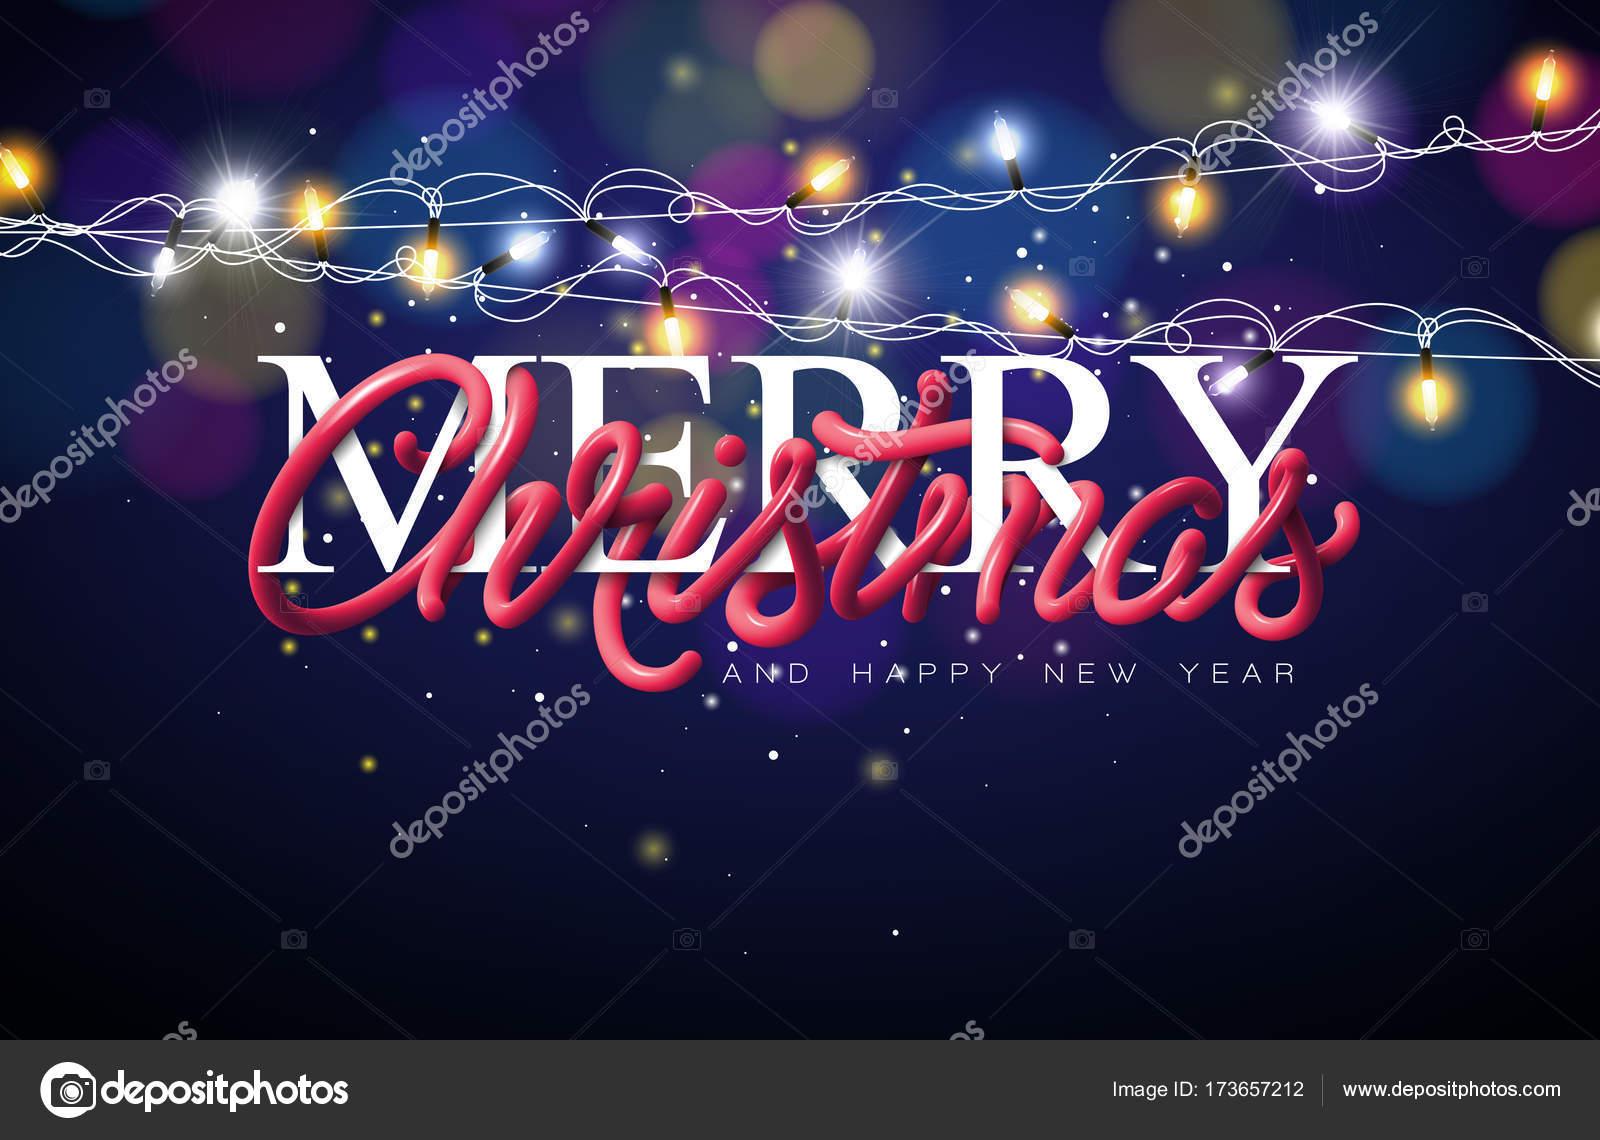 Frohe Weihnachten Schriftzug Beleuchtet.Frohe Weihnachten Illustration Mit Ineinander Verschlungenen Röhre